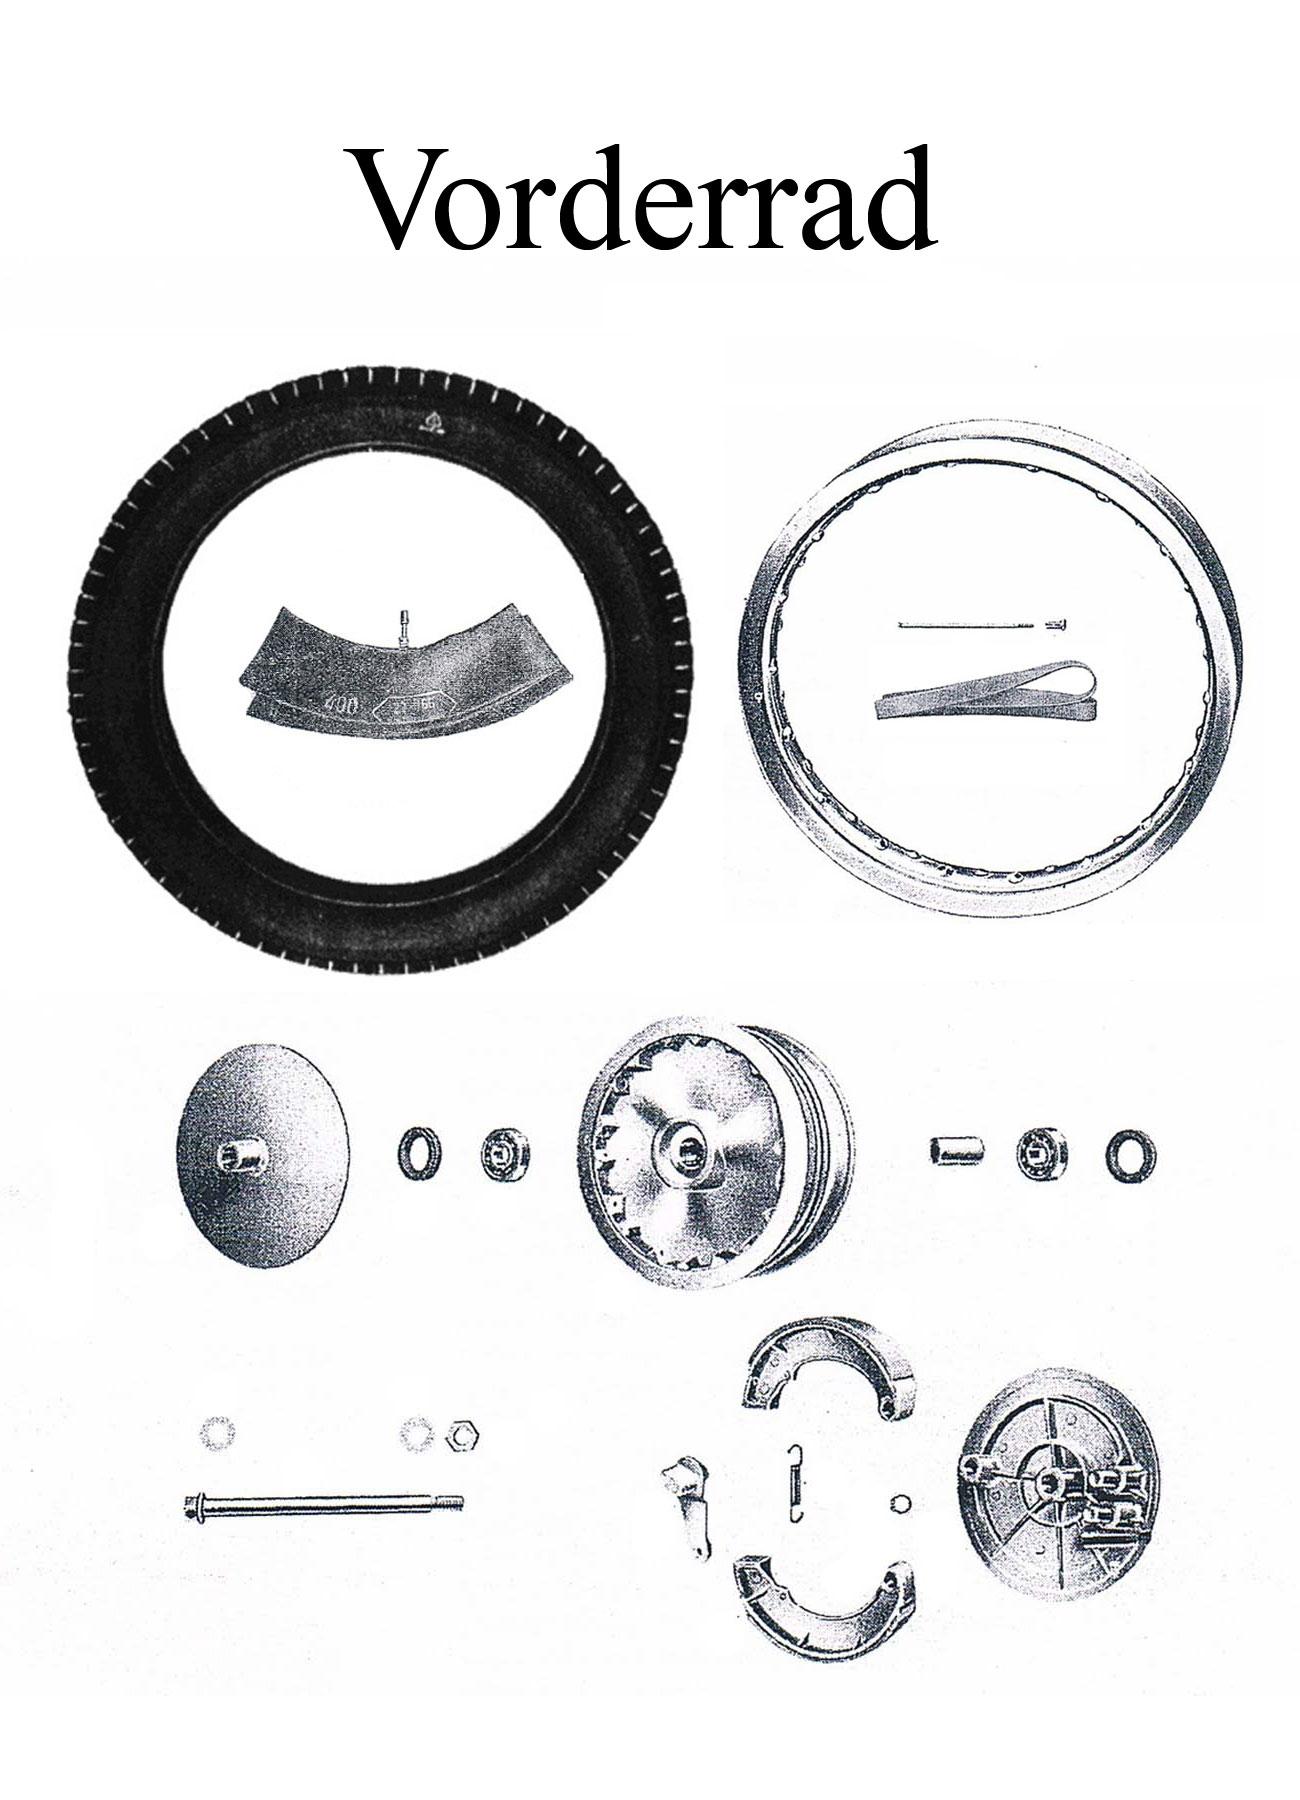 MZ ES 175/2-250/2 Ersatzteileliste Vorderrad 16 Zoll Reifen Felgenband Speichen Lager Radnabe Bremsbacken